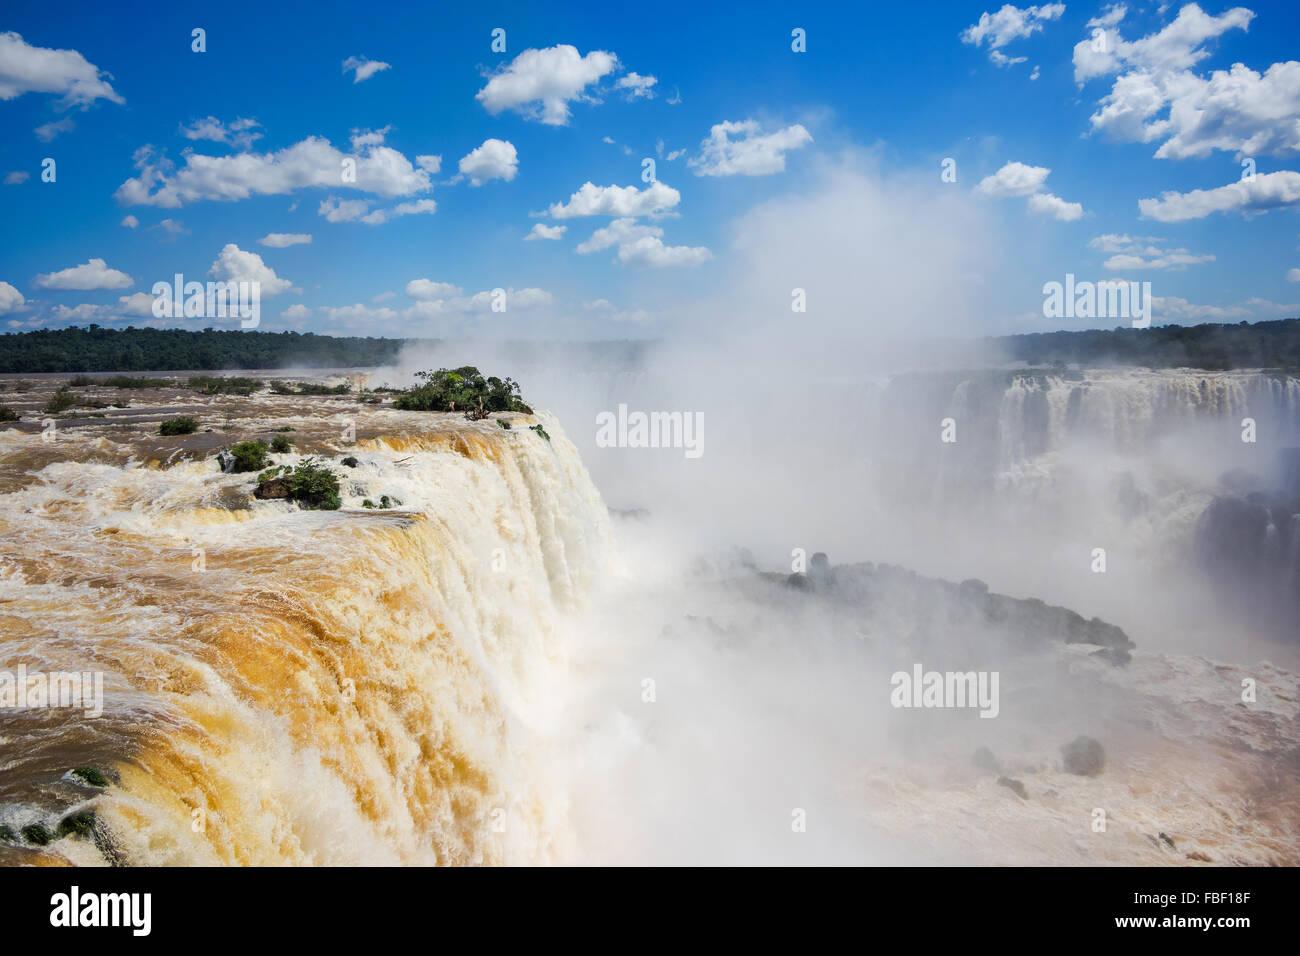 Iguaçu-Wasserfälle an der Grenze zwischen Argentinien und Brasilien. Stockbild